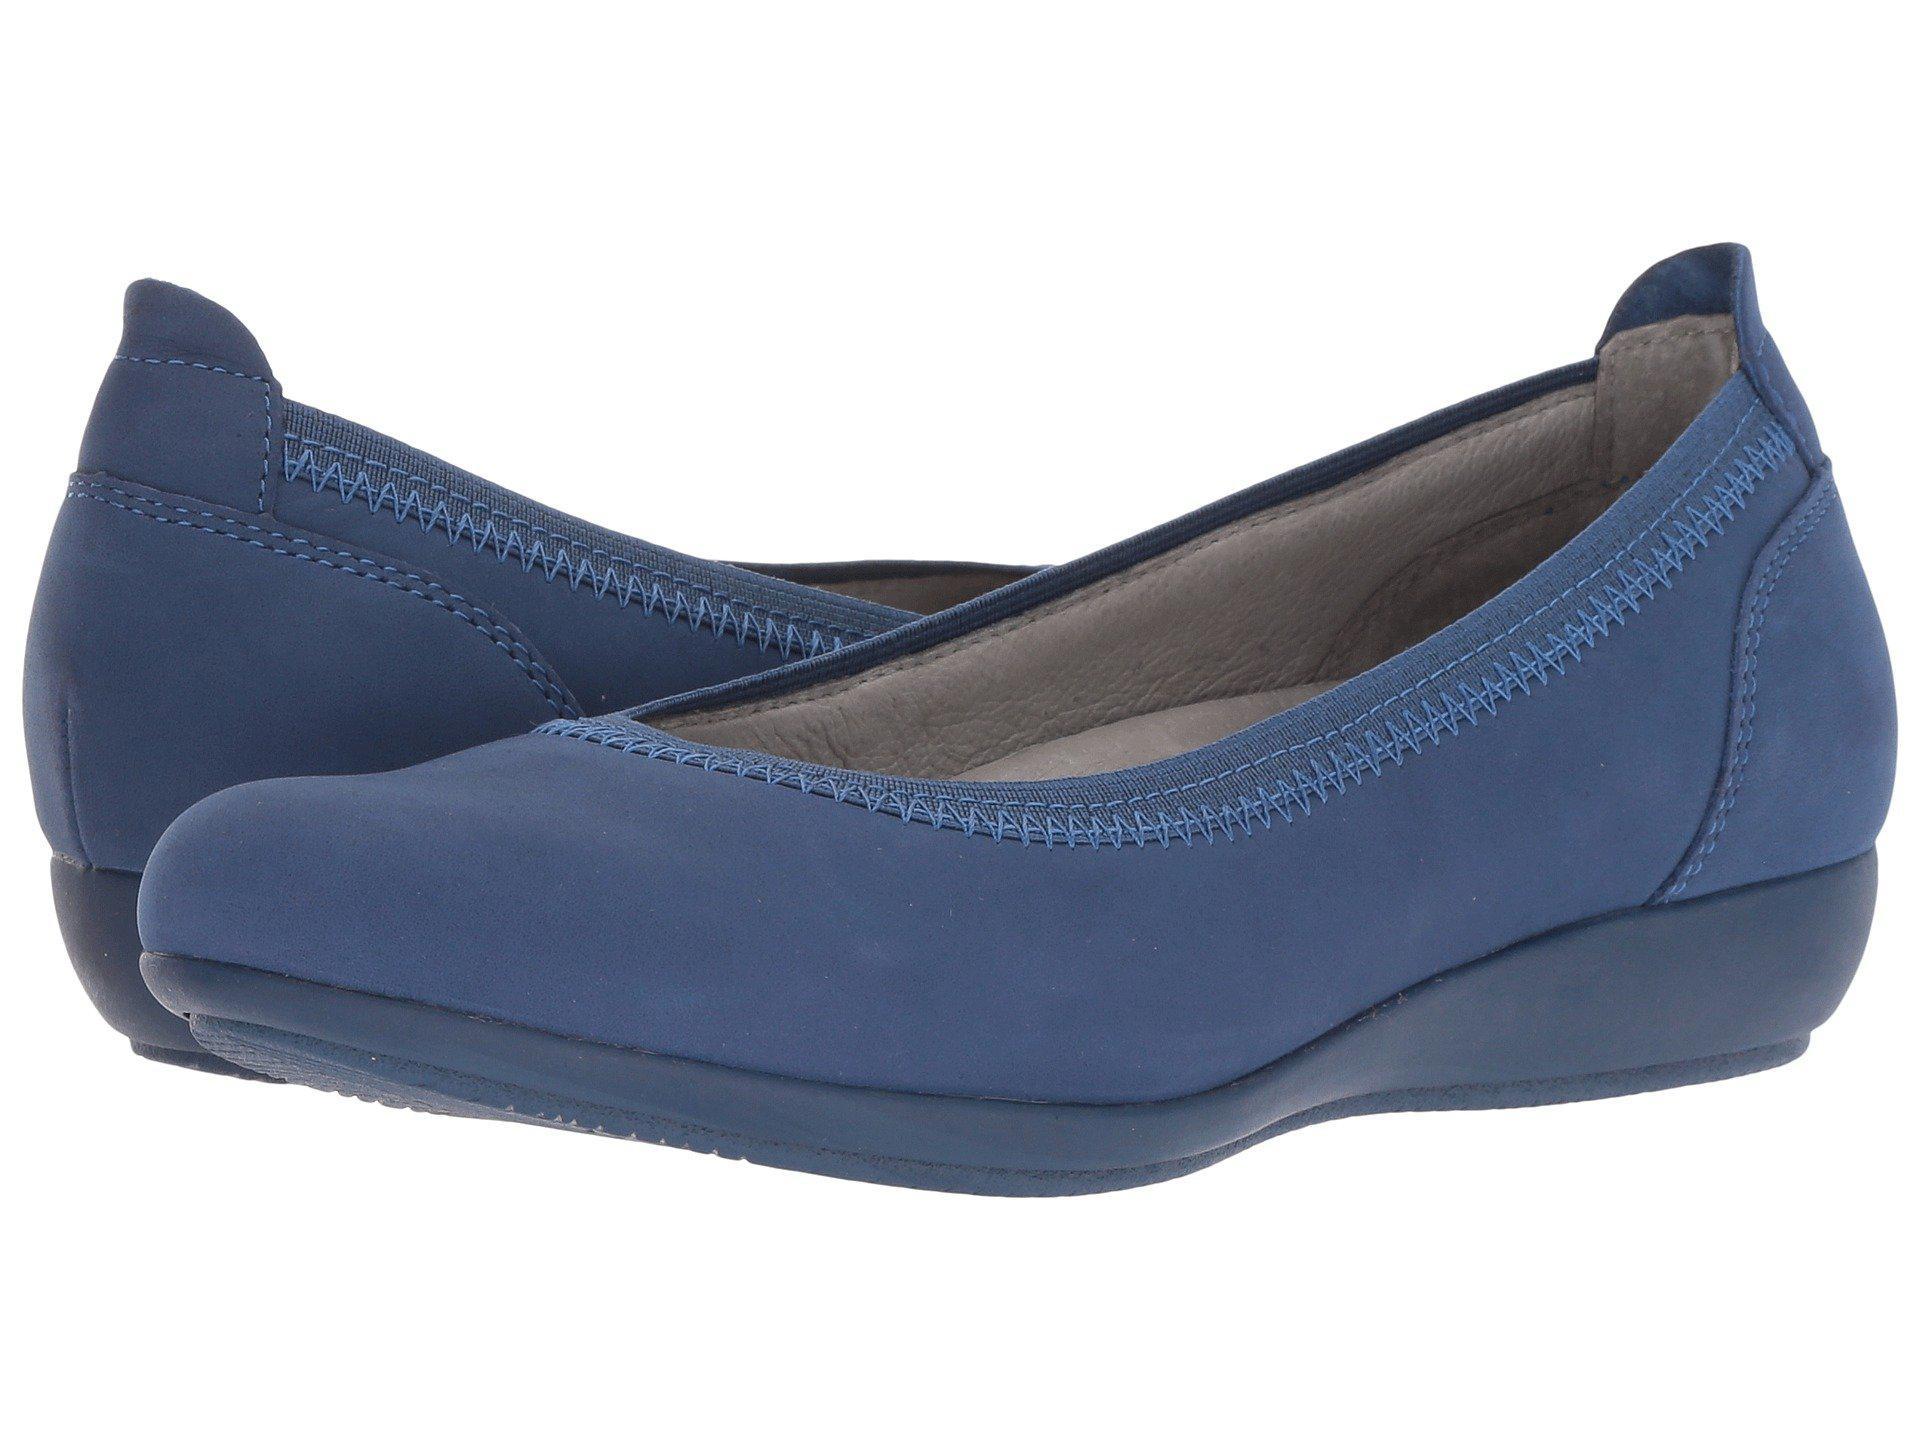 928a608eeb14 Lyst - Dansko Kristen (rose Gold Nappa) Women s Shoes in Blue